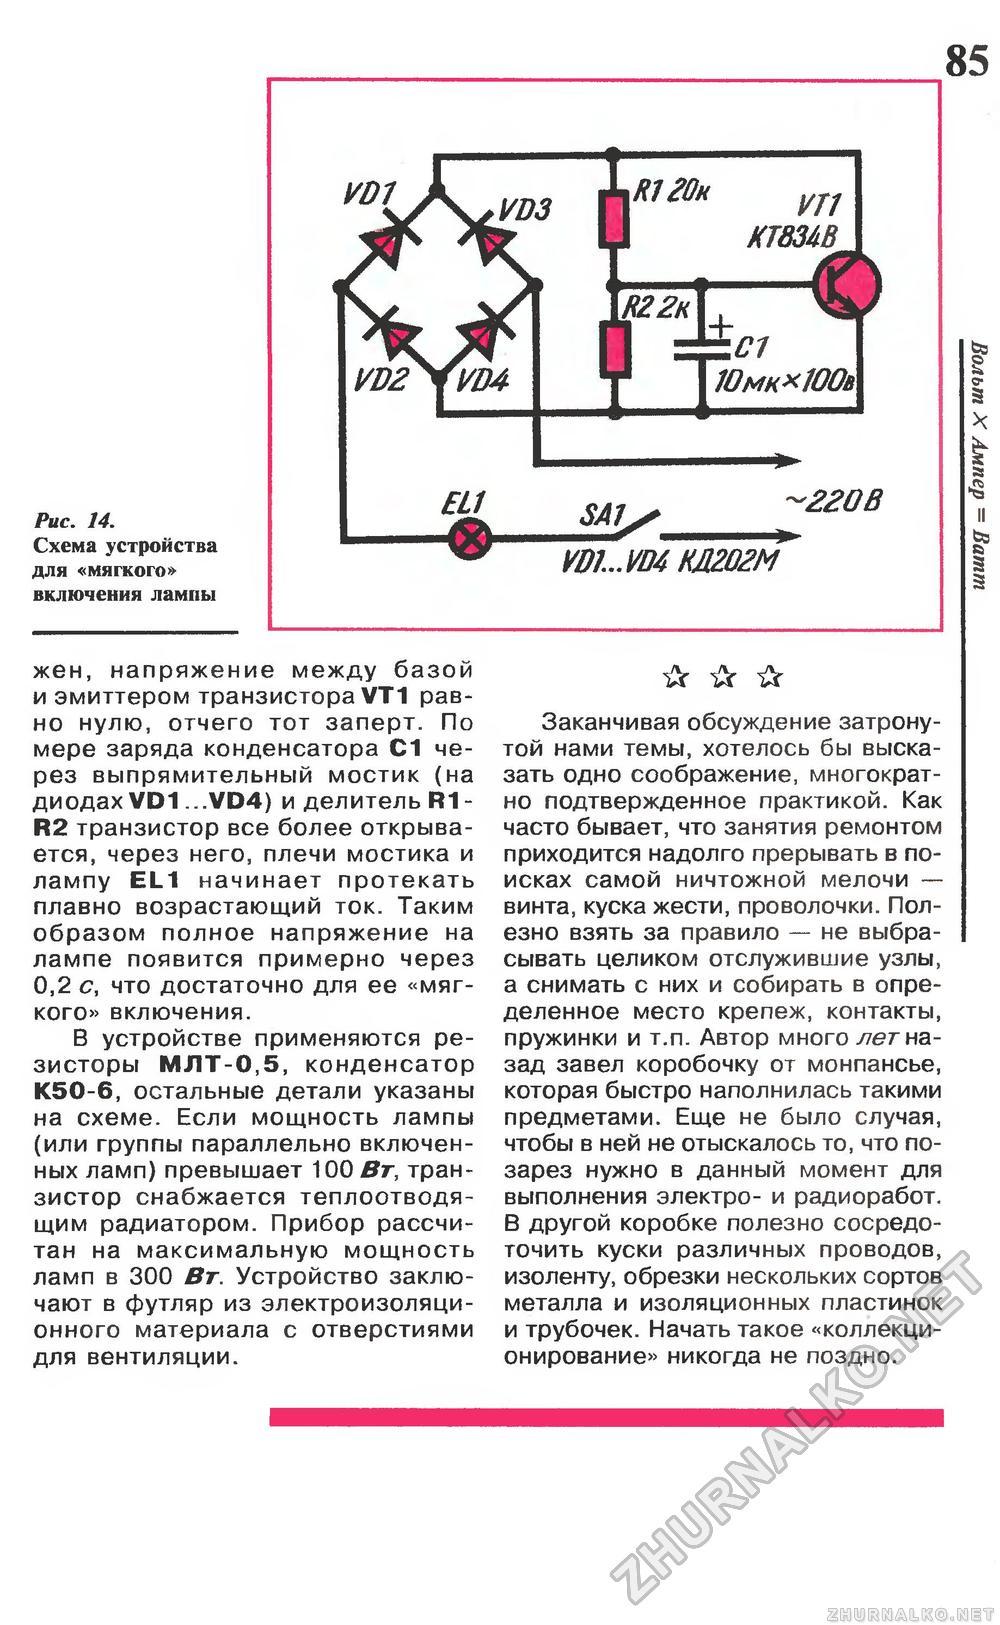 Схема для плавного включения галогенных ламп